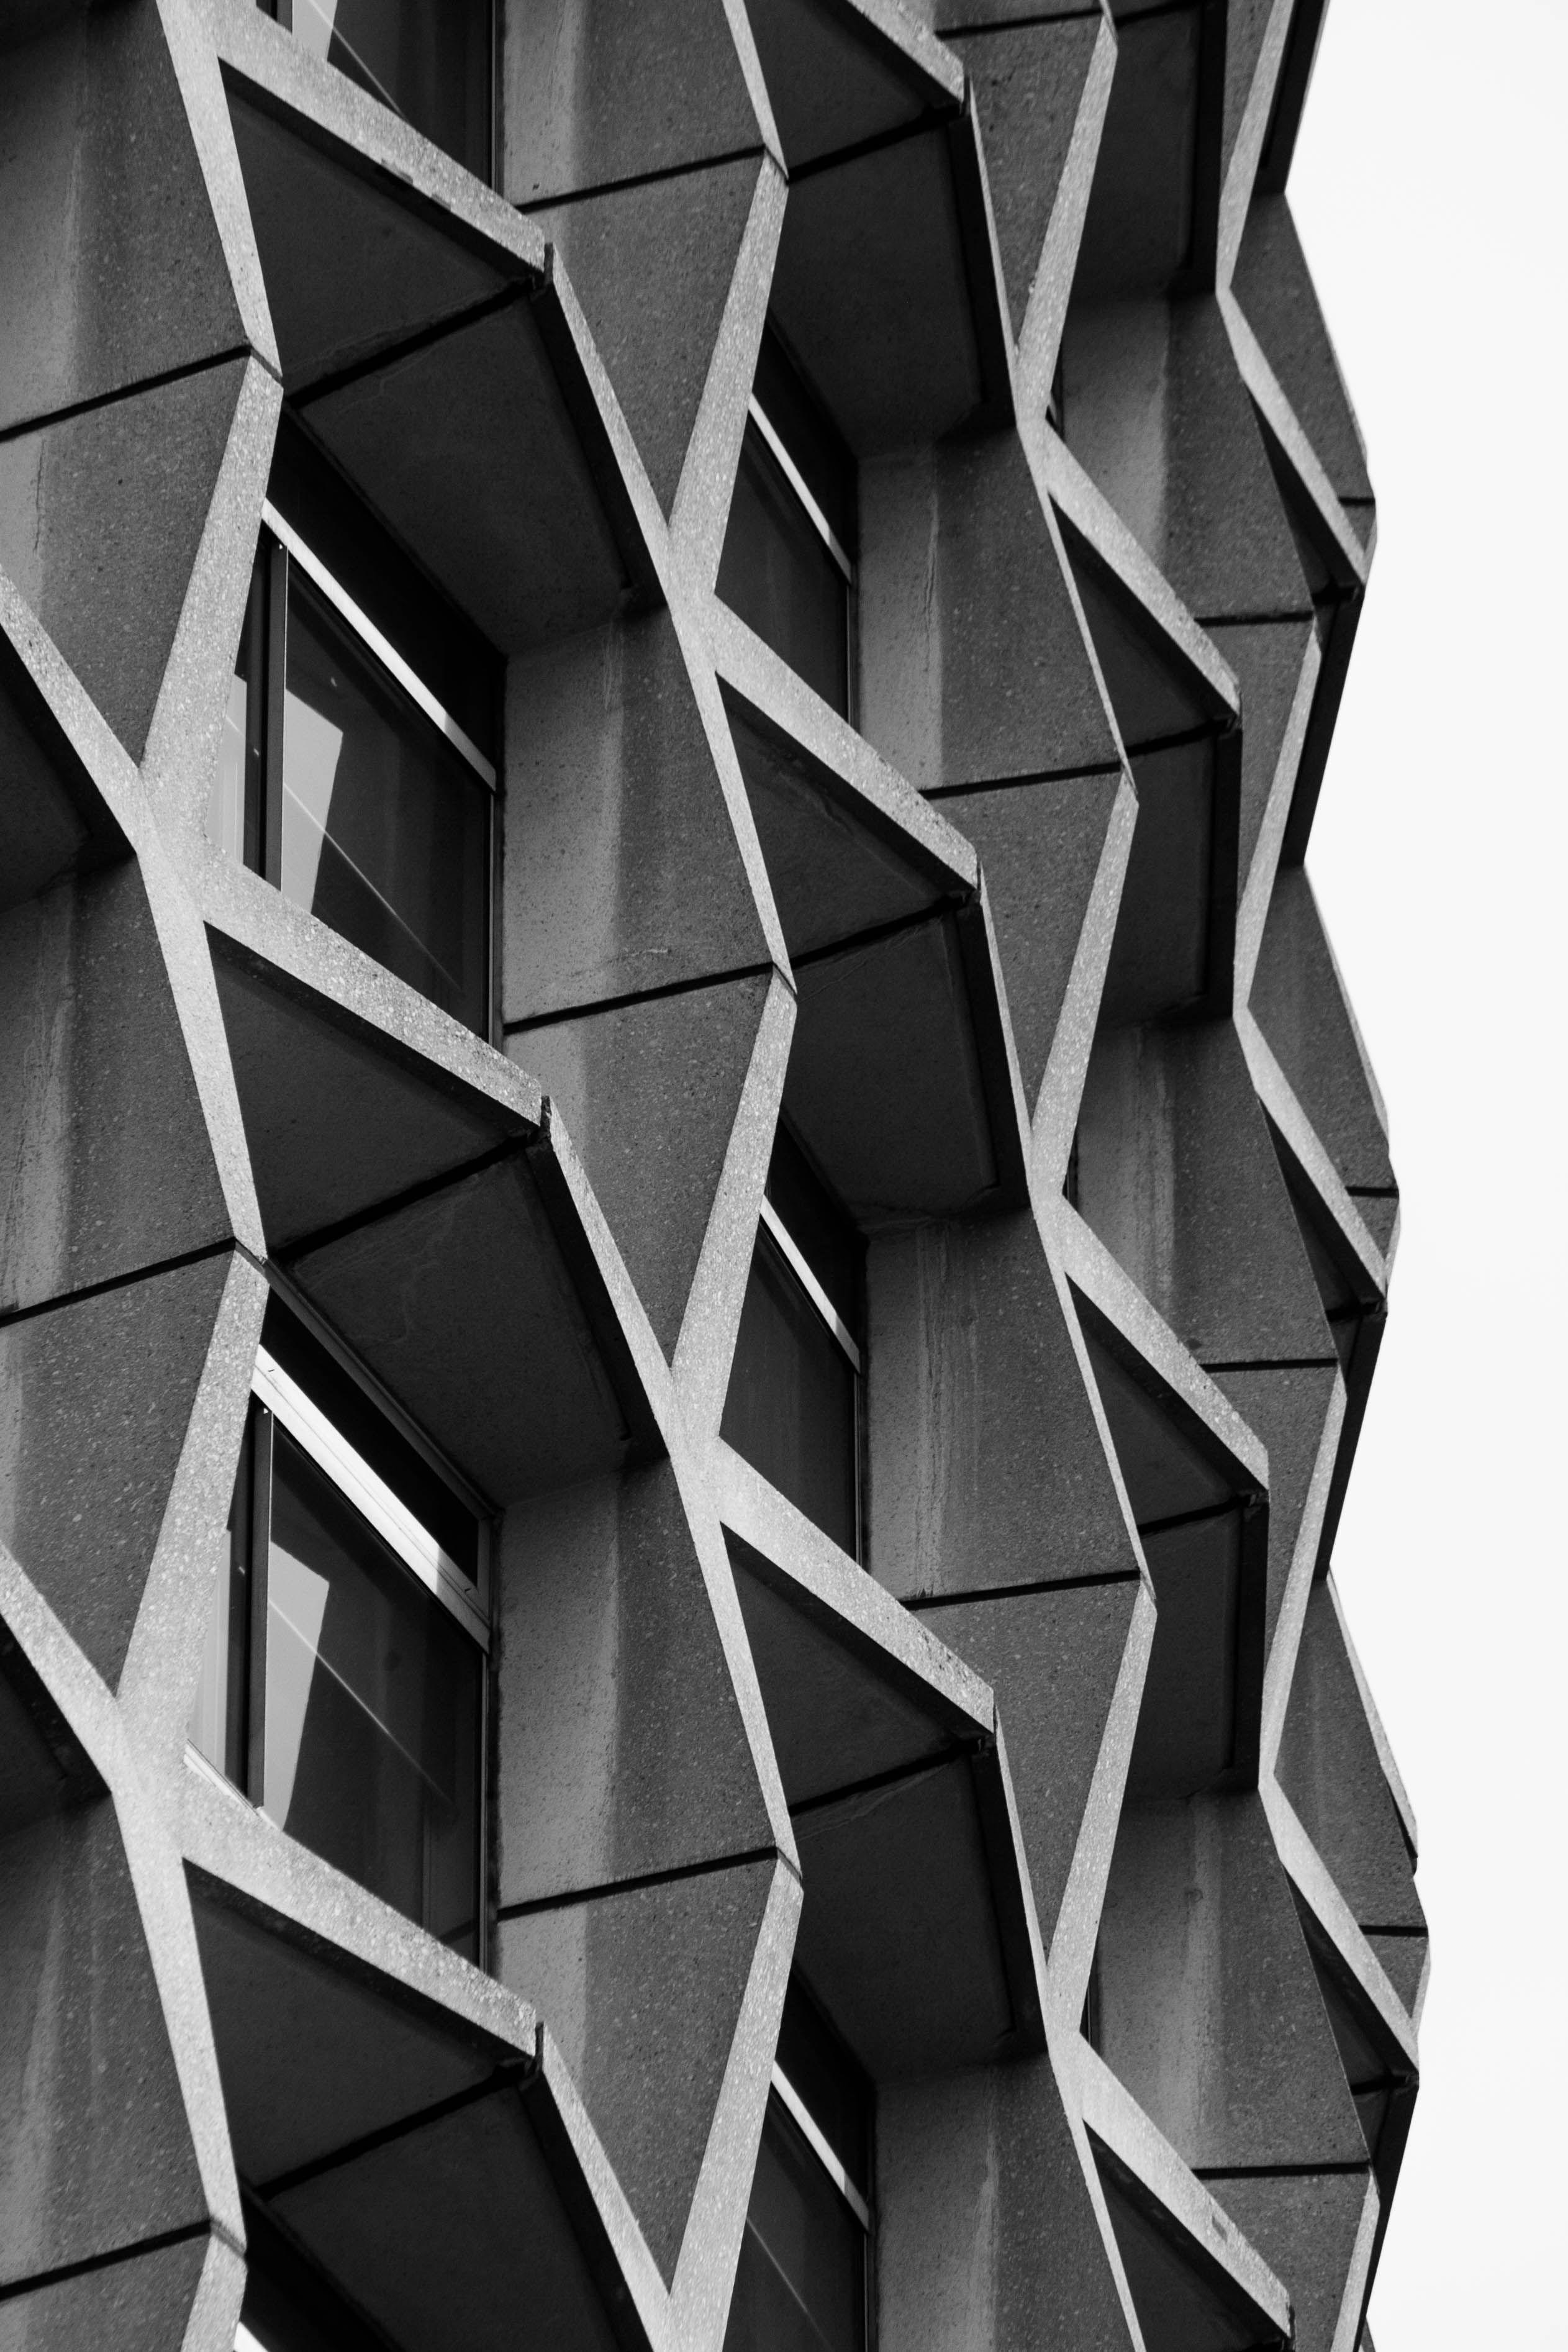 Spaces Rue De Londres space house, 1 kemble street, london | architect : richard